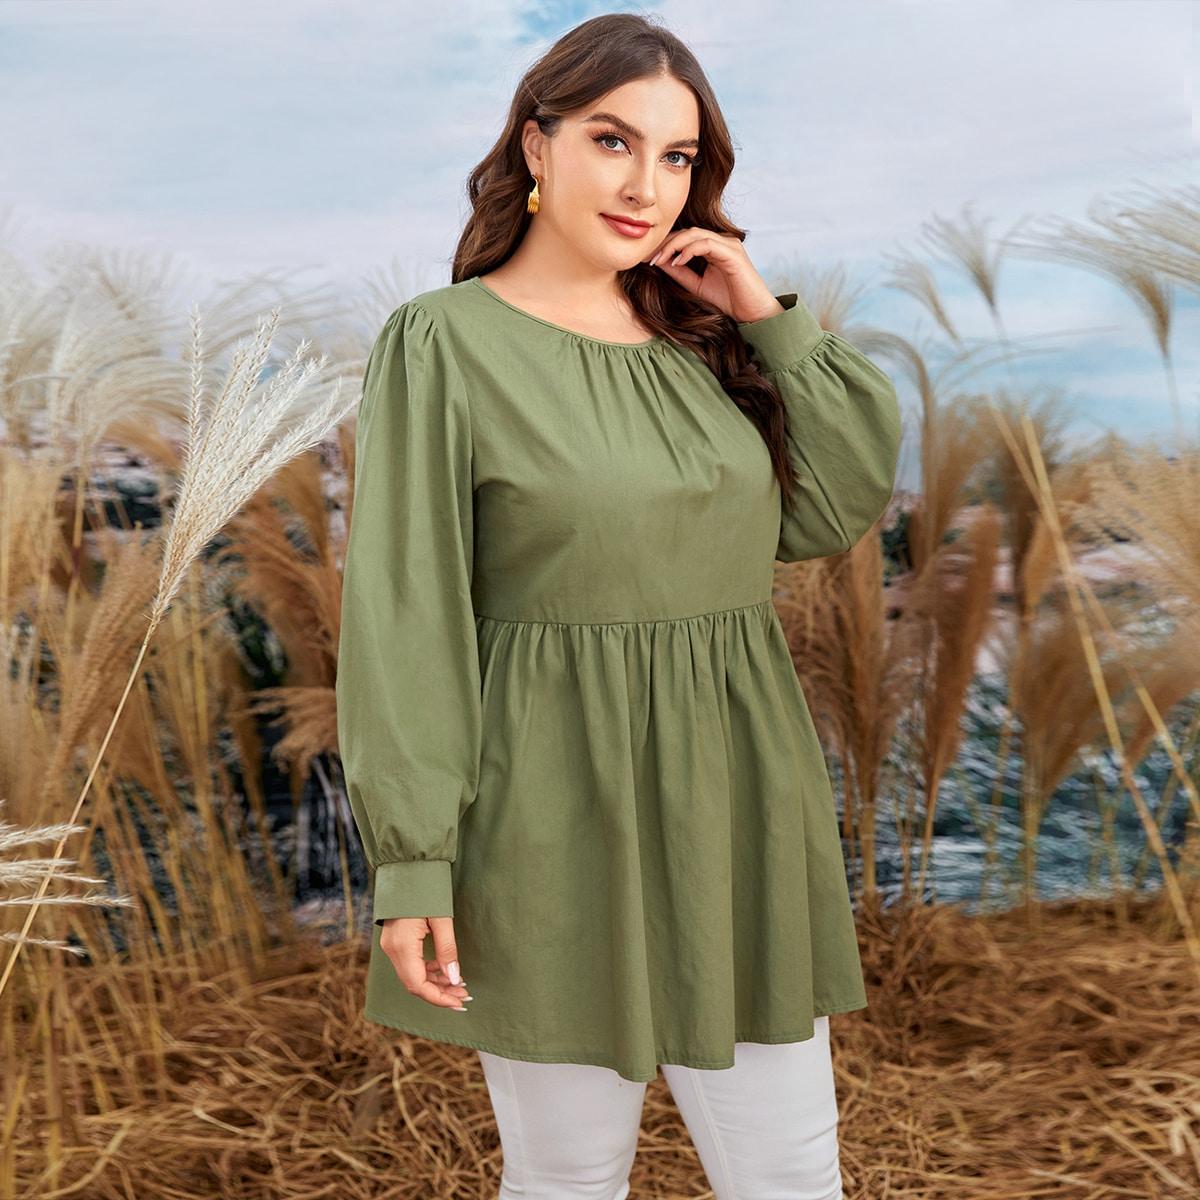 SHEIN / Bluse mit Puffärmeln, Knöpfen hinten und Rüschenbesatz